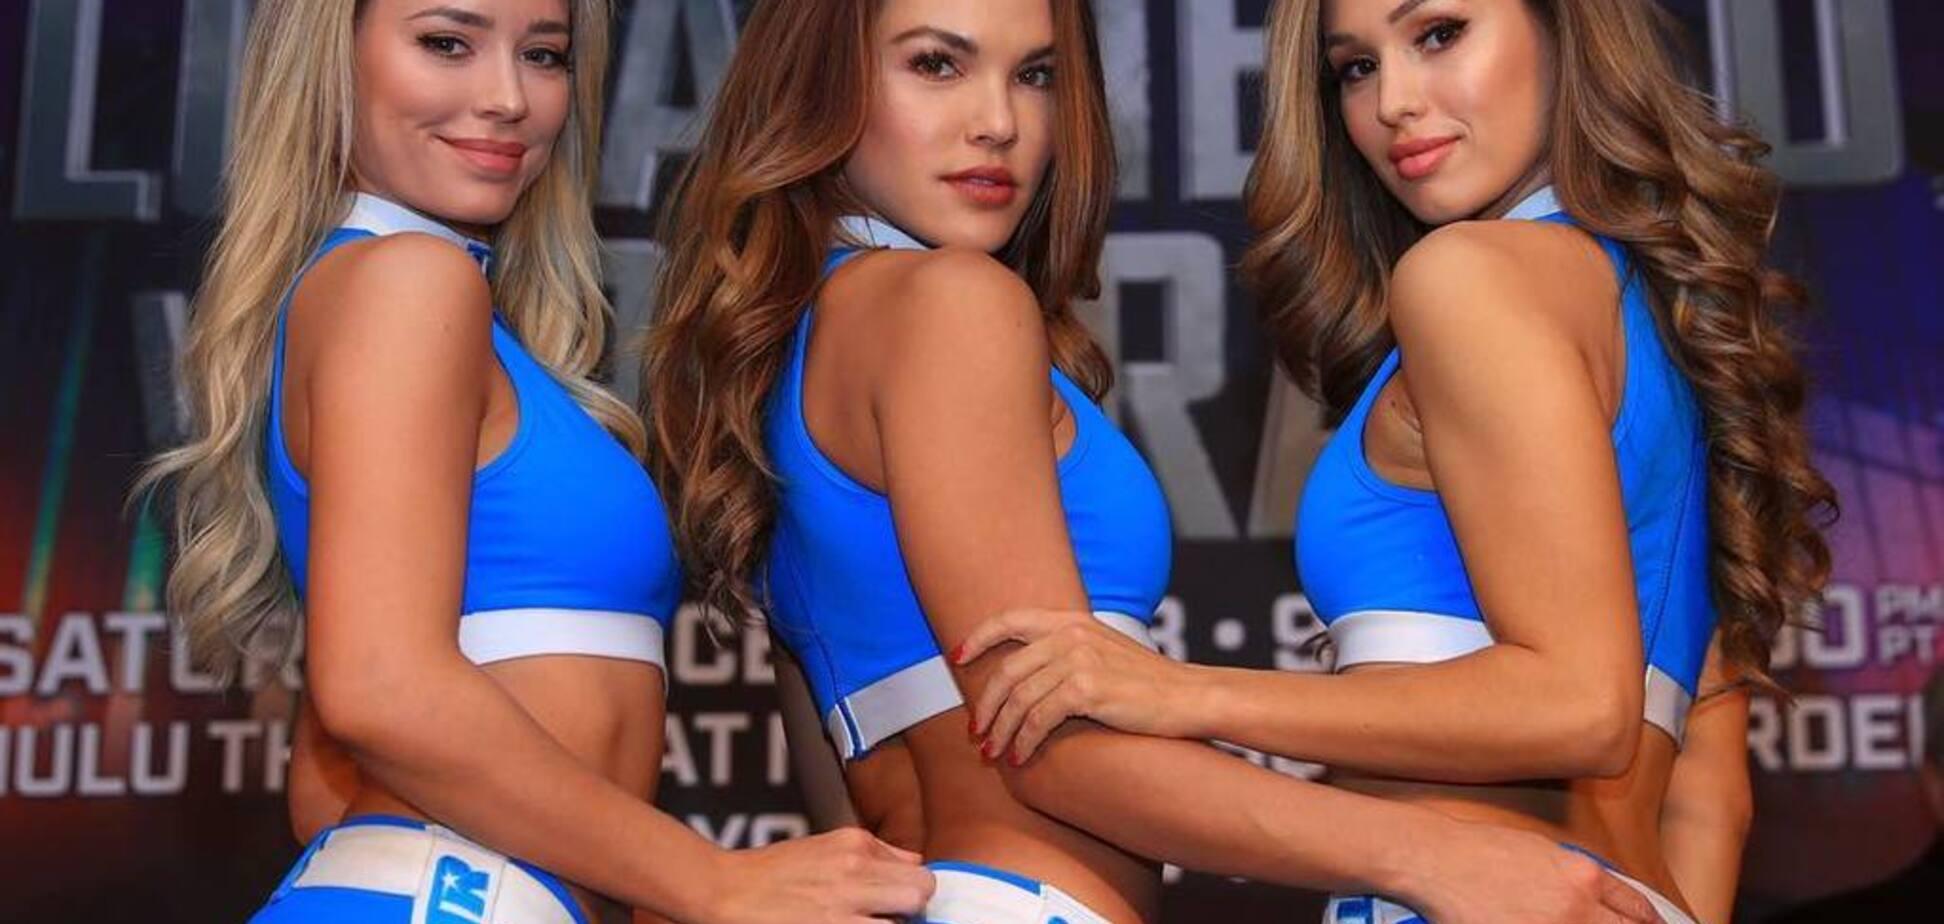 Сексуальные ринг-герлз боя Ломаченко записали горячее поздравление